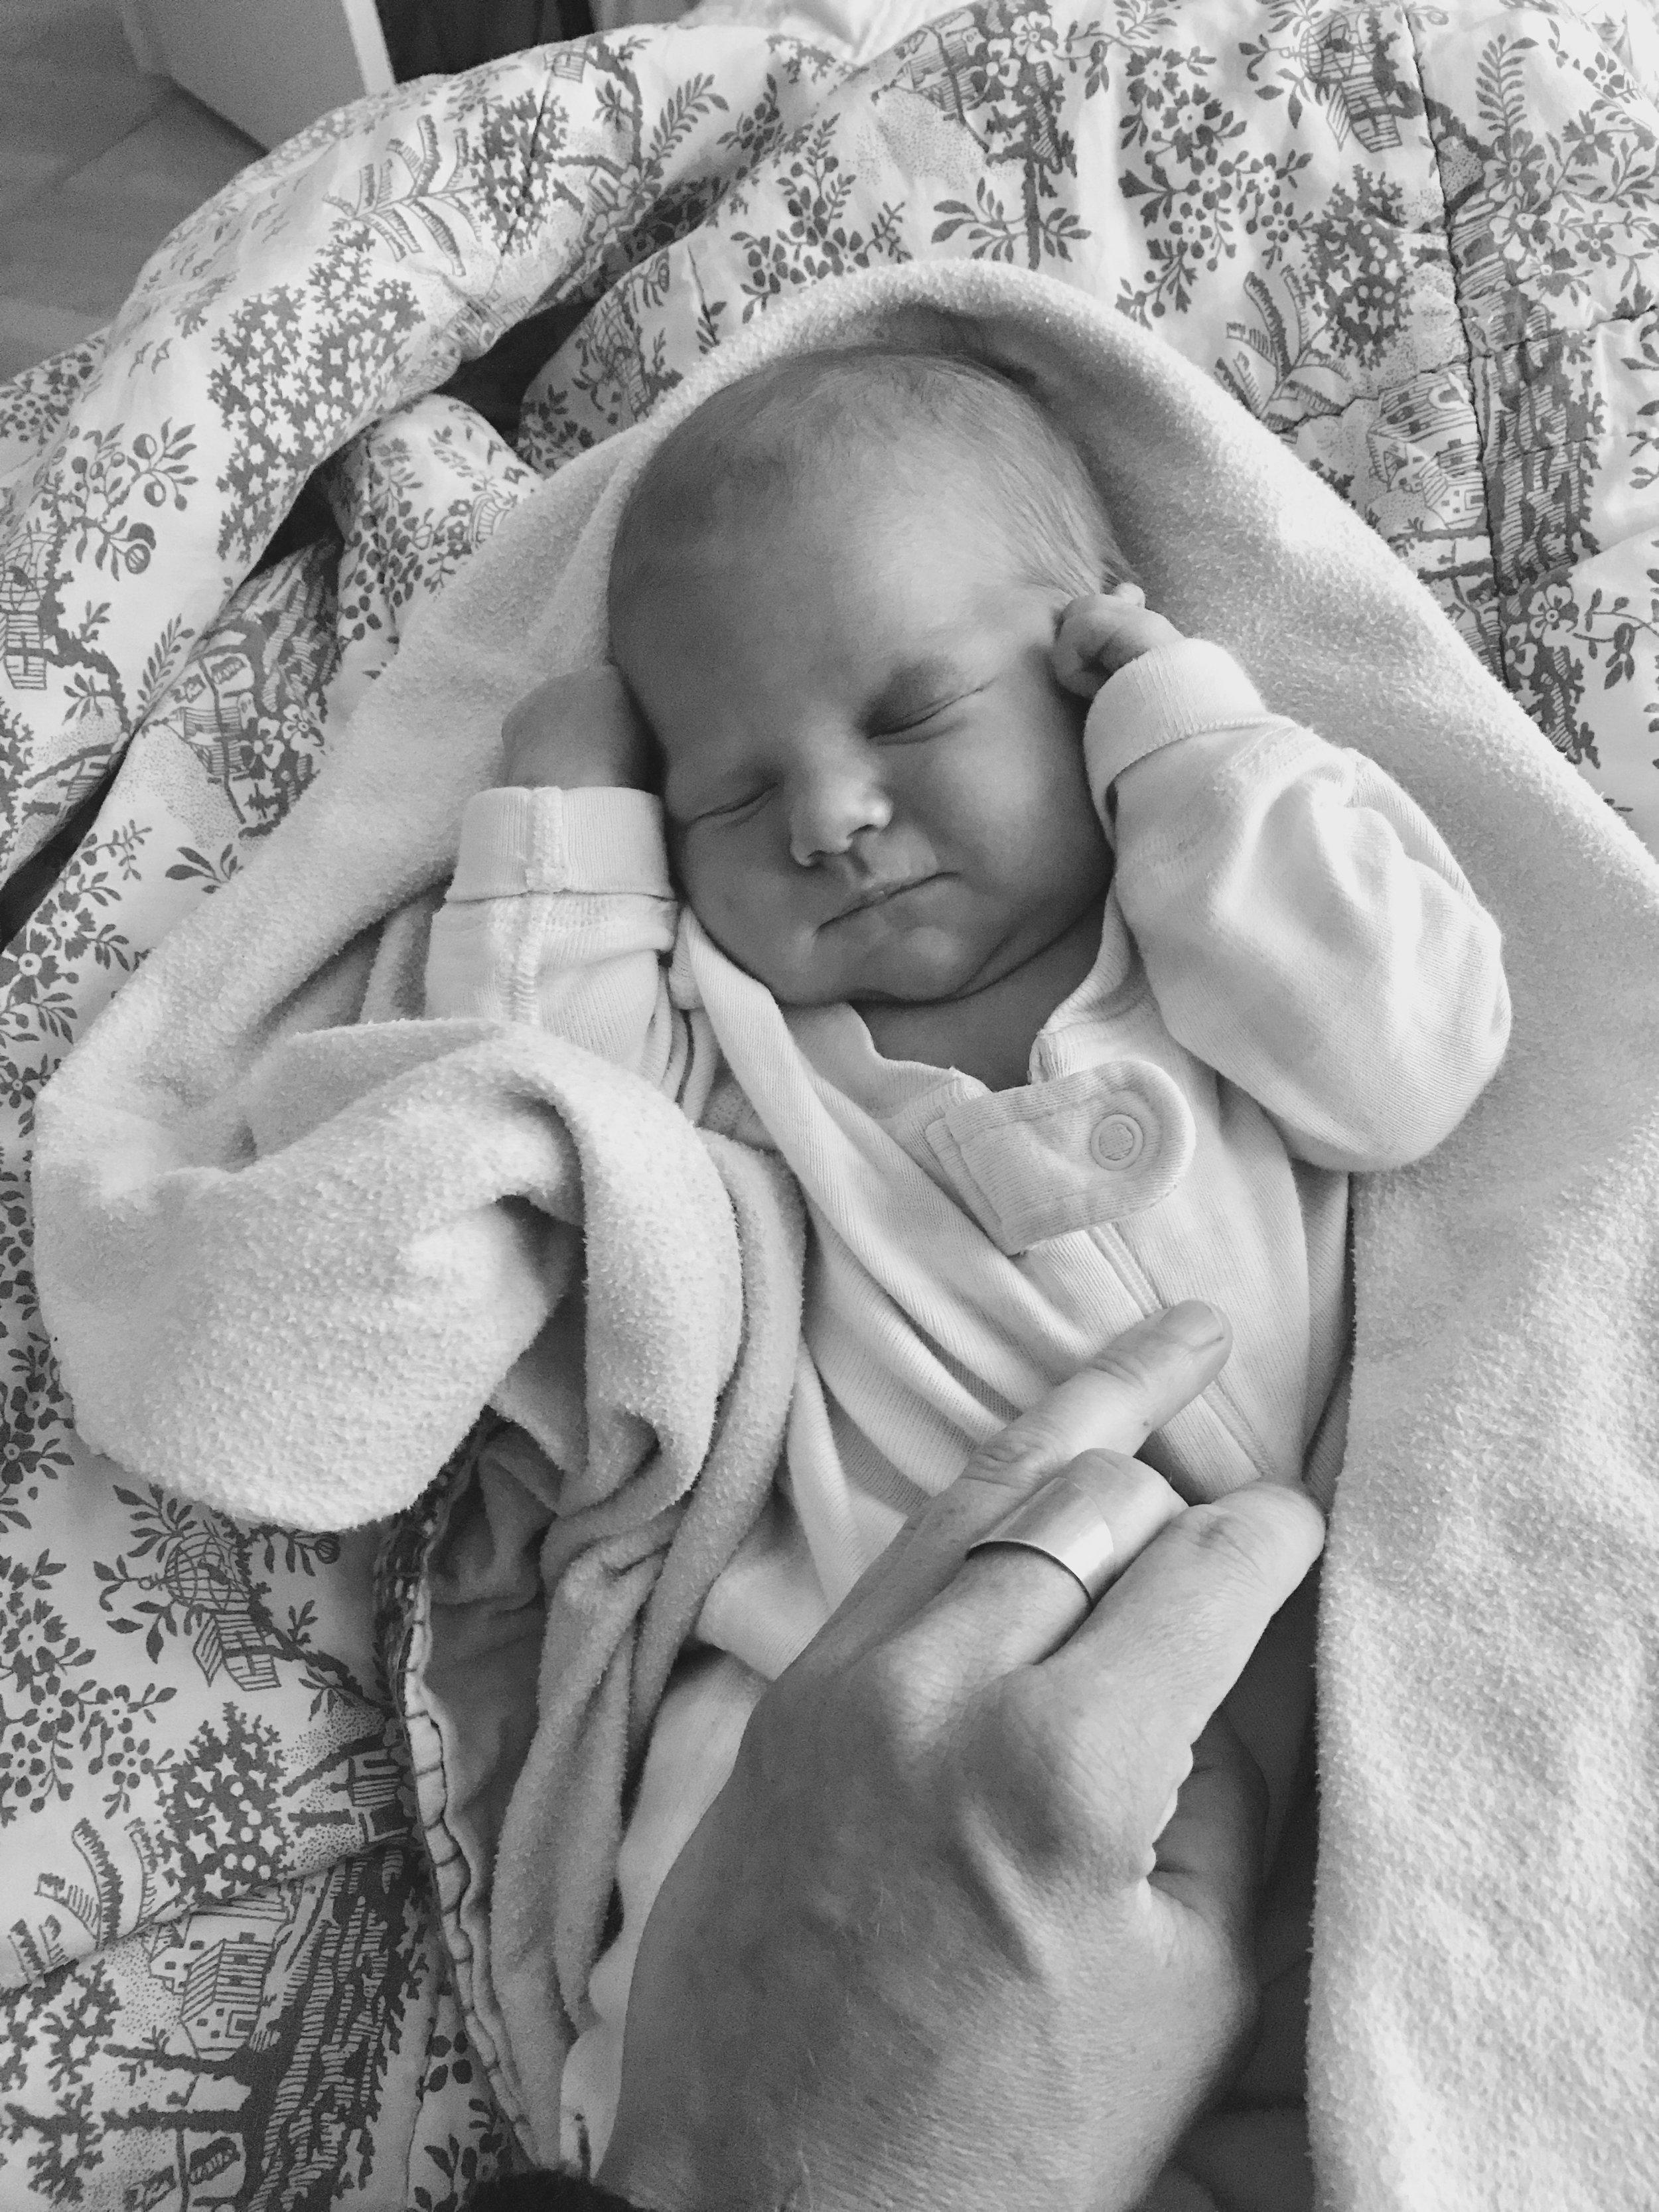 life with baby - resting, healing, nursing, bonding